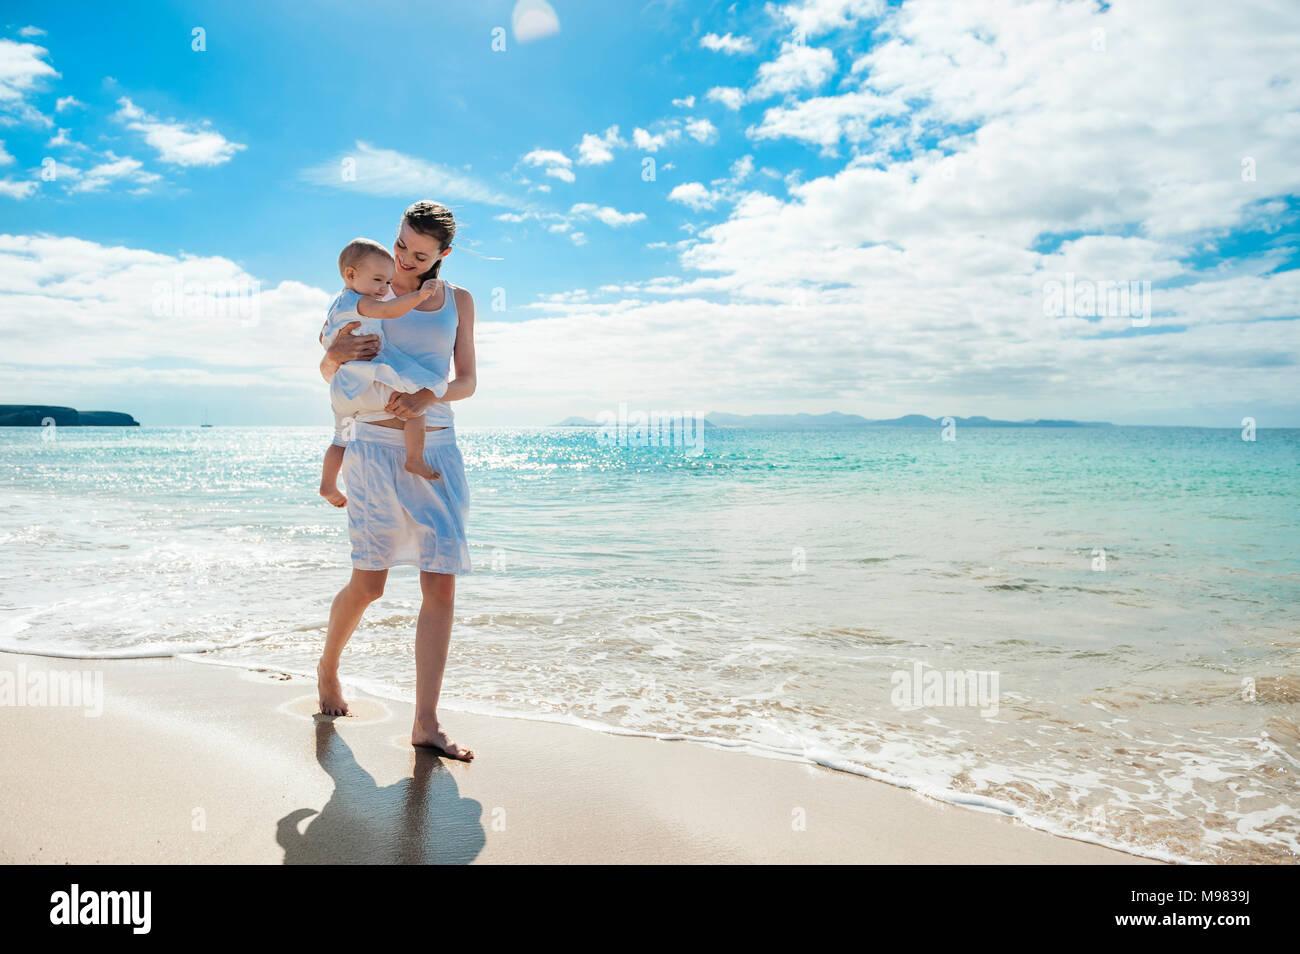 Madre camminando con la piccola figlia sulla spiaggia Immagini Stock